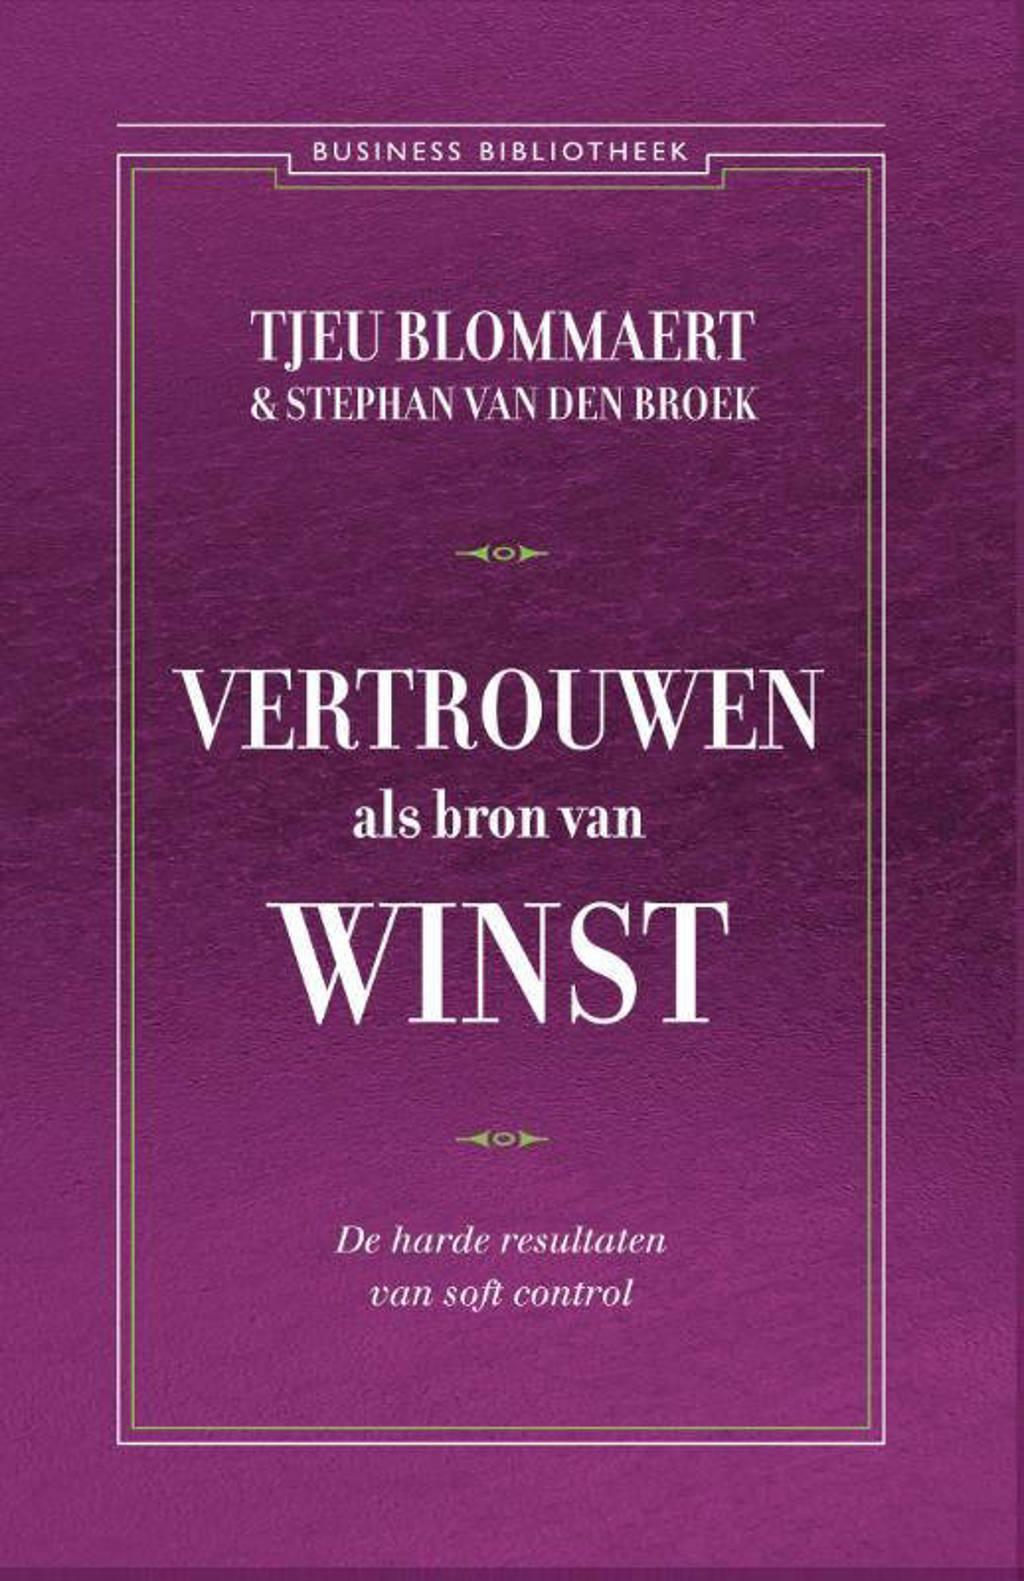 Business bibliotheek: Vertrouwen als bron van winst - Tjeu Blommaert en Stefan van den Broek